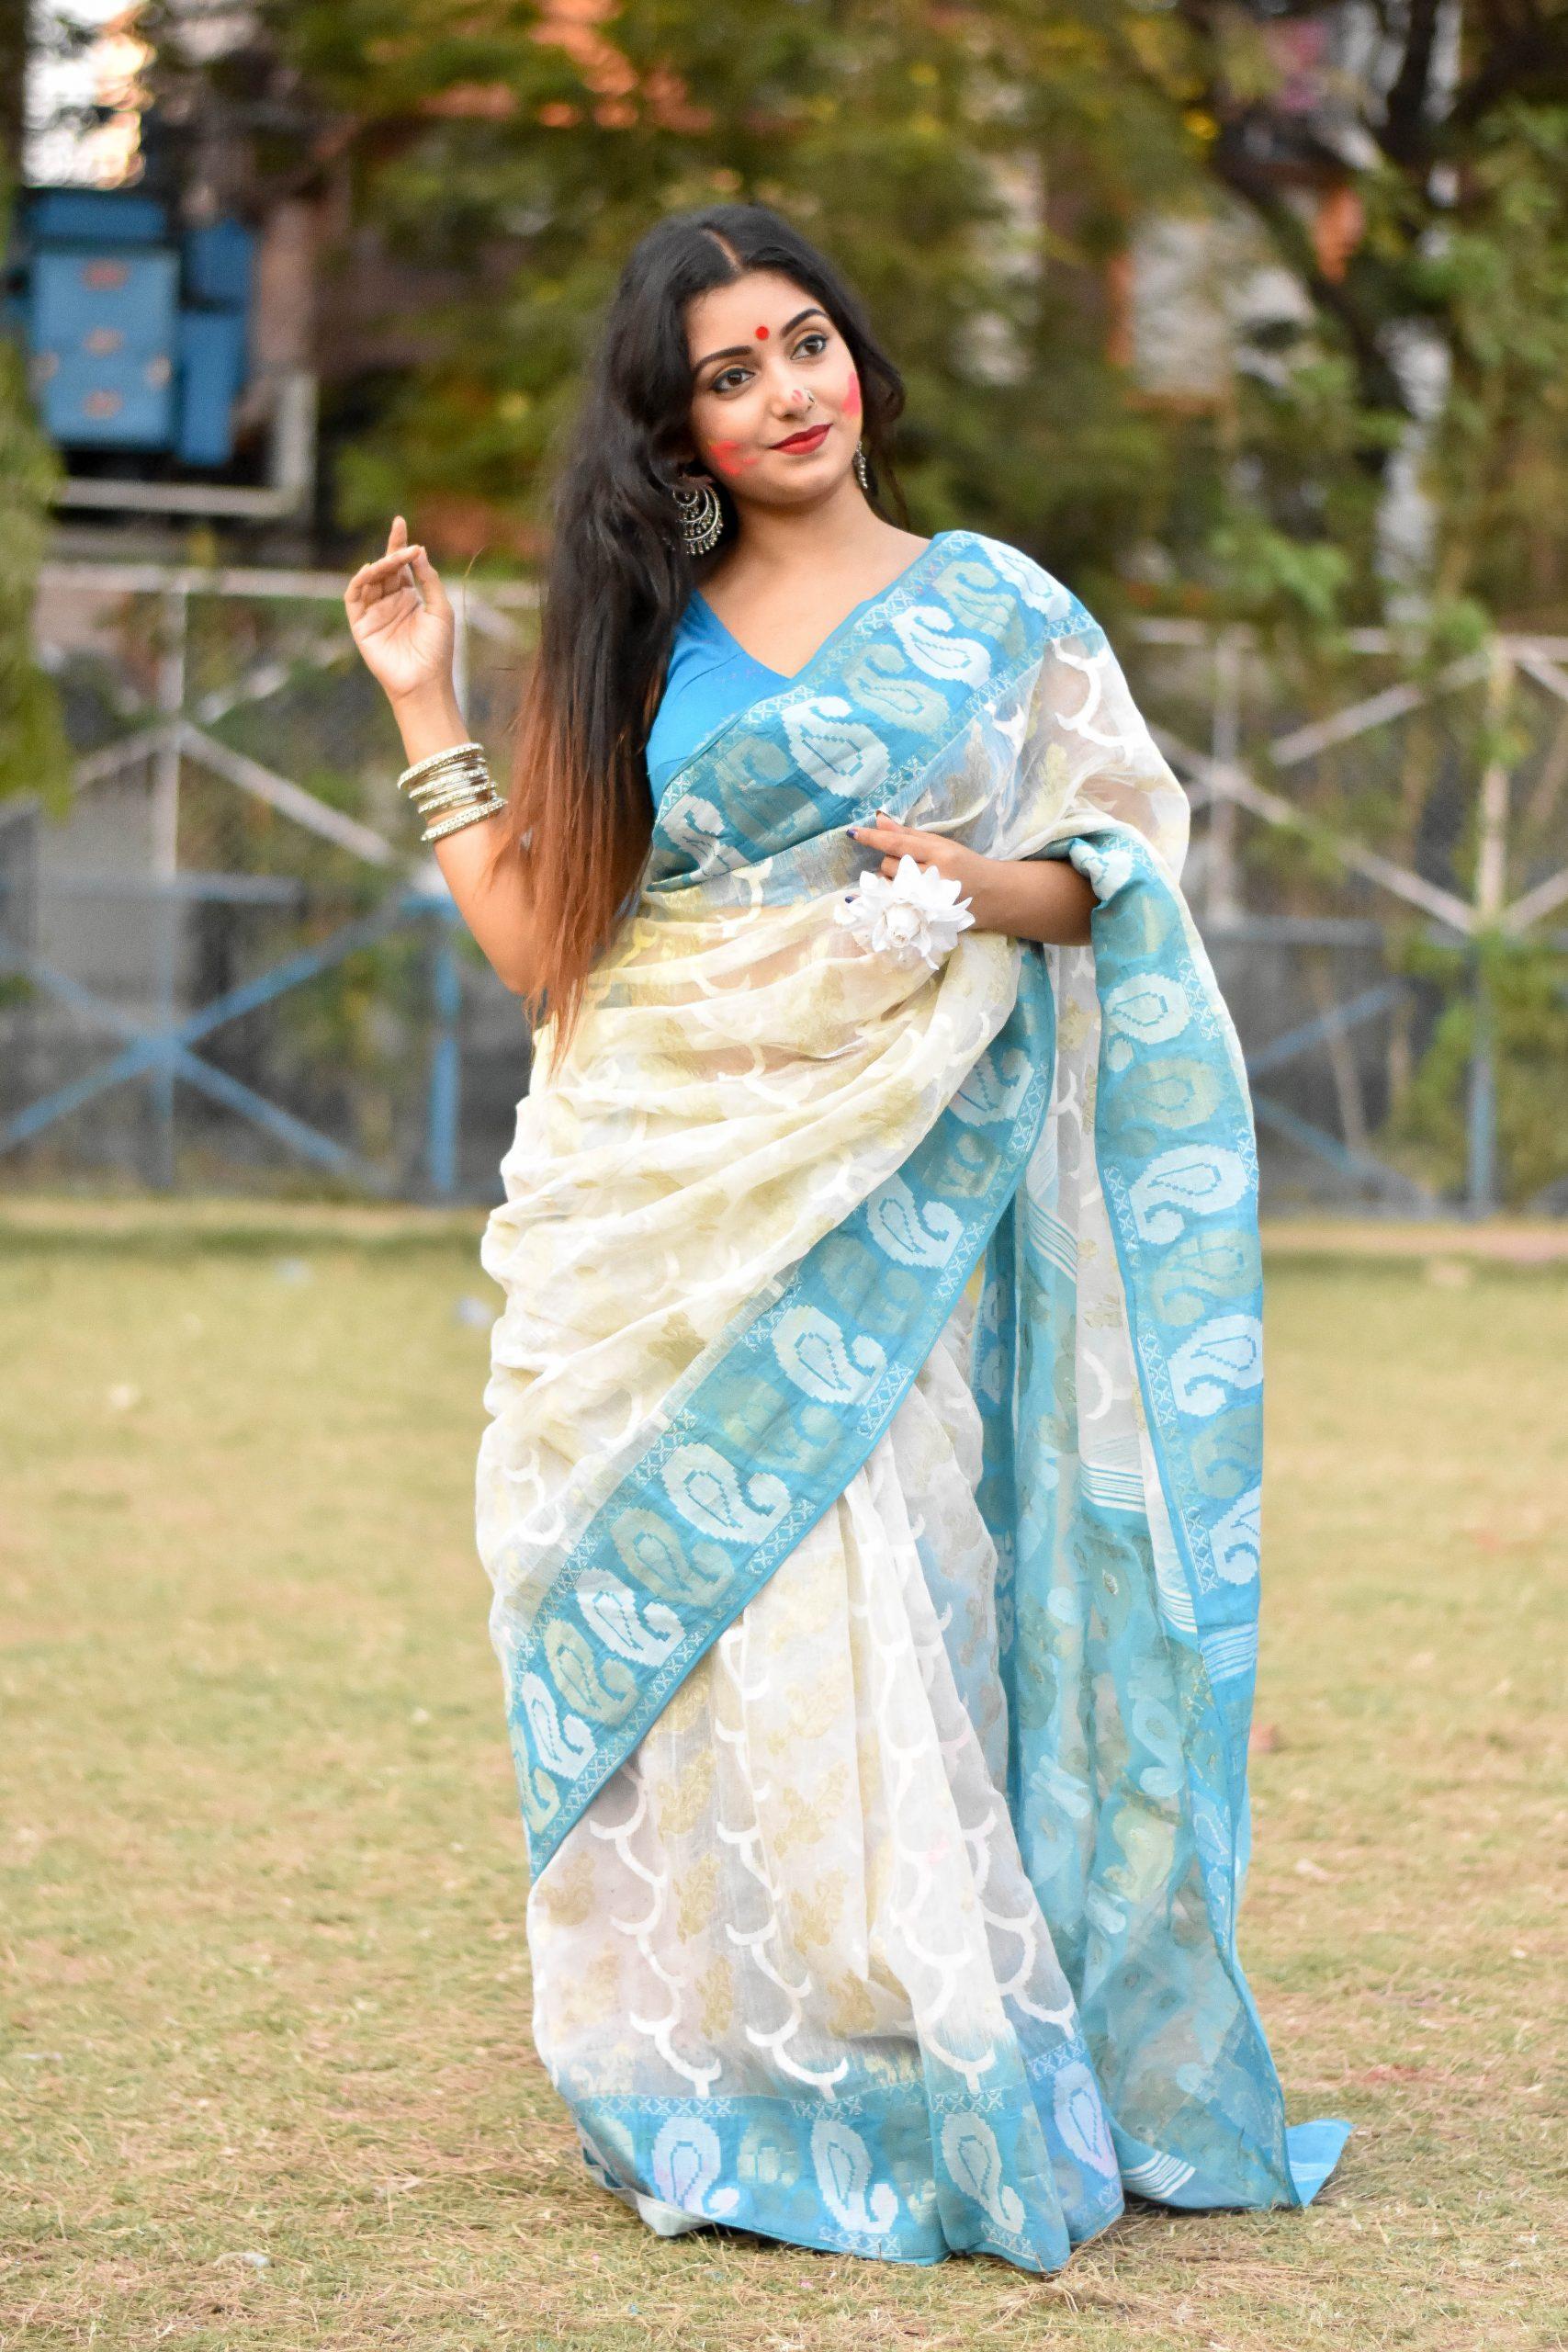 An Indian woman in saari dress